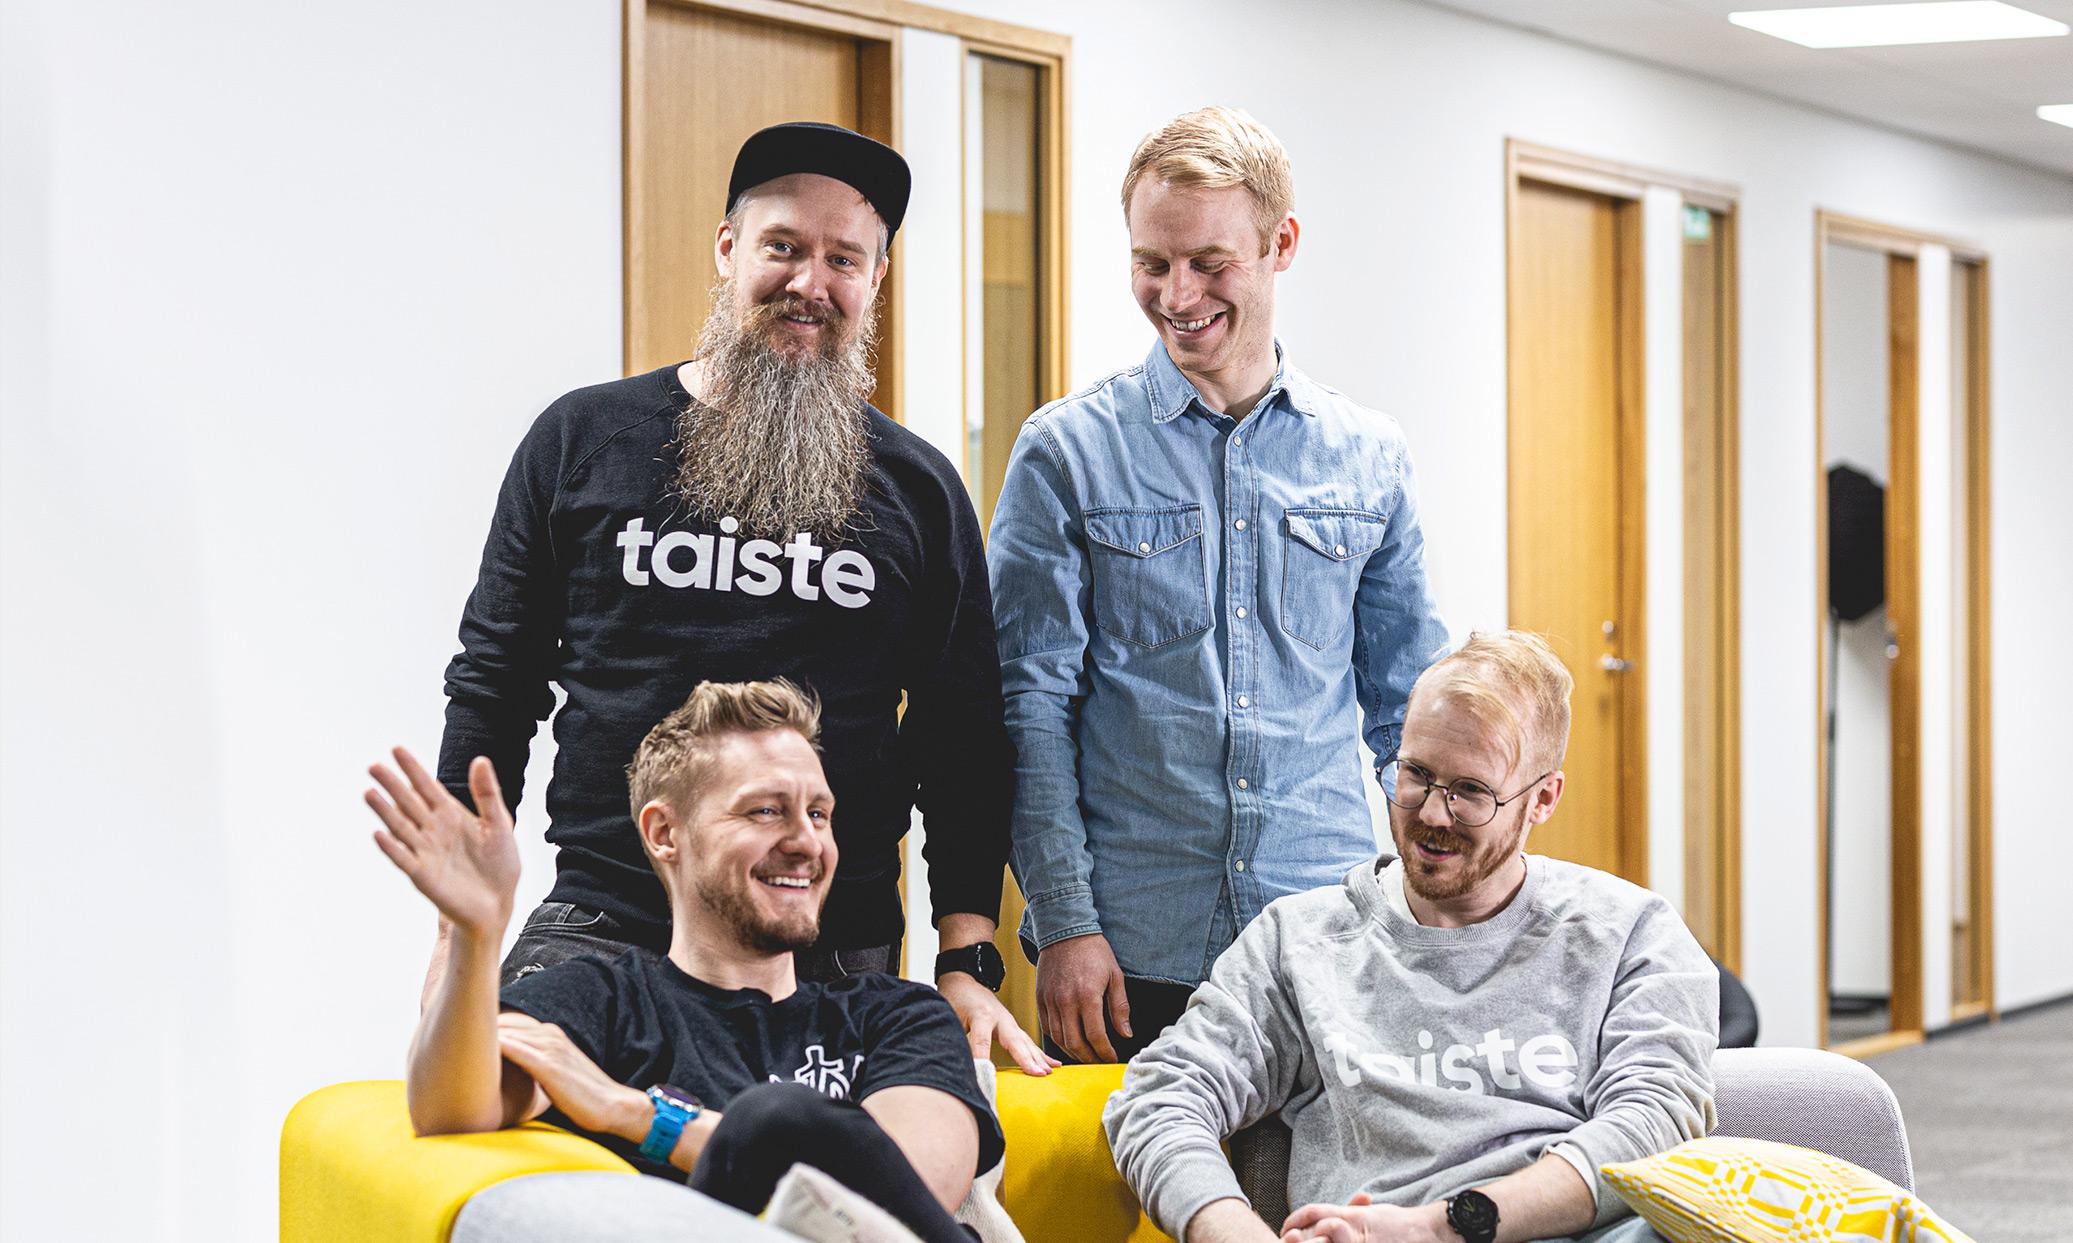 People from our Suunto team. (From top left to right): Ville Kaisla, Ville Ahti, Janne Säde and Valtteri Mäki.